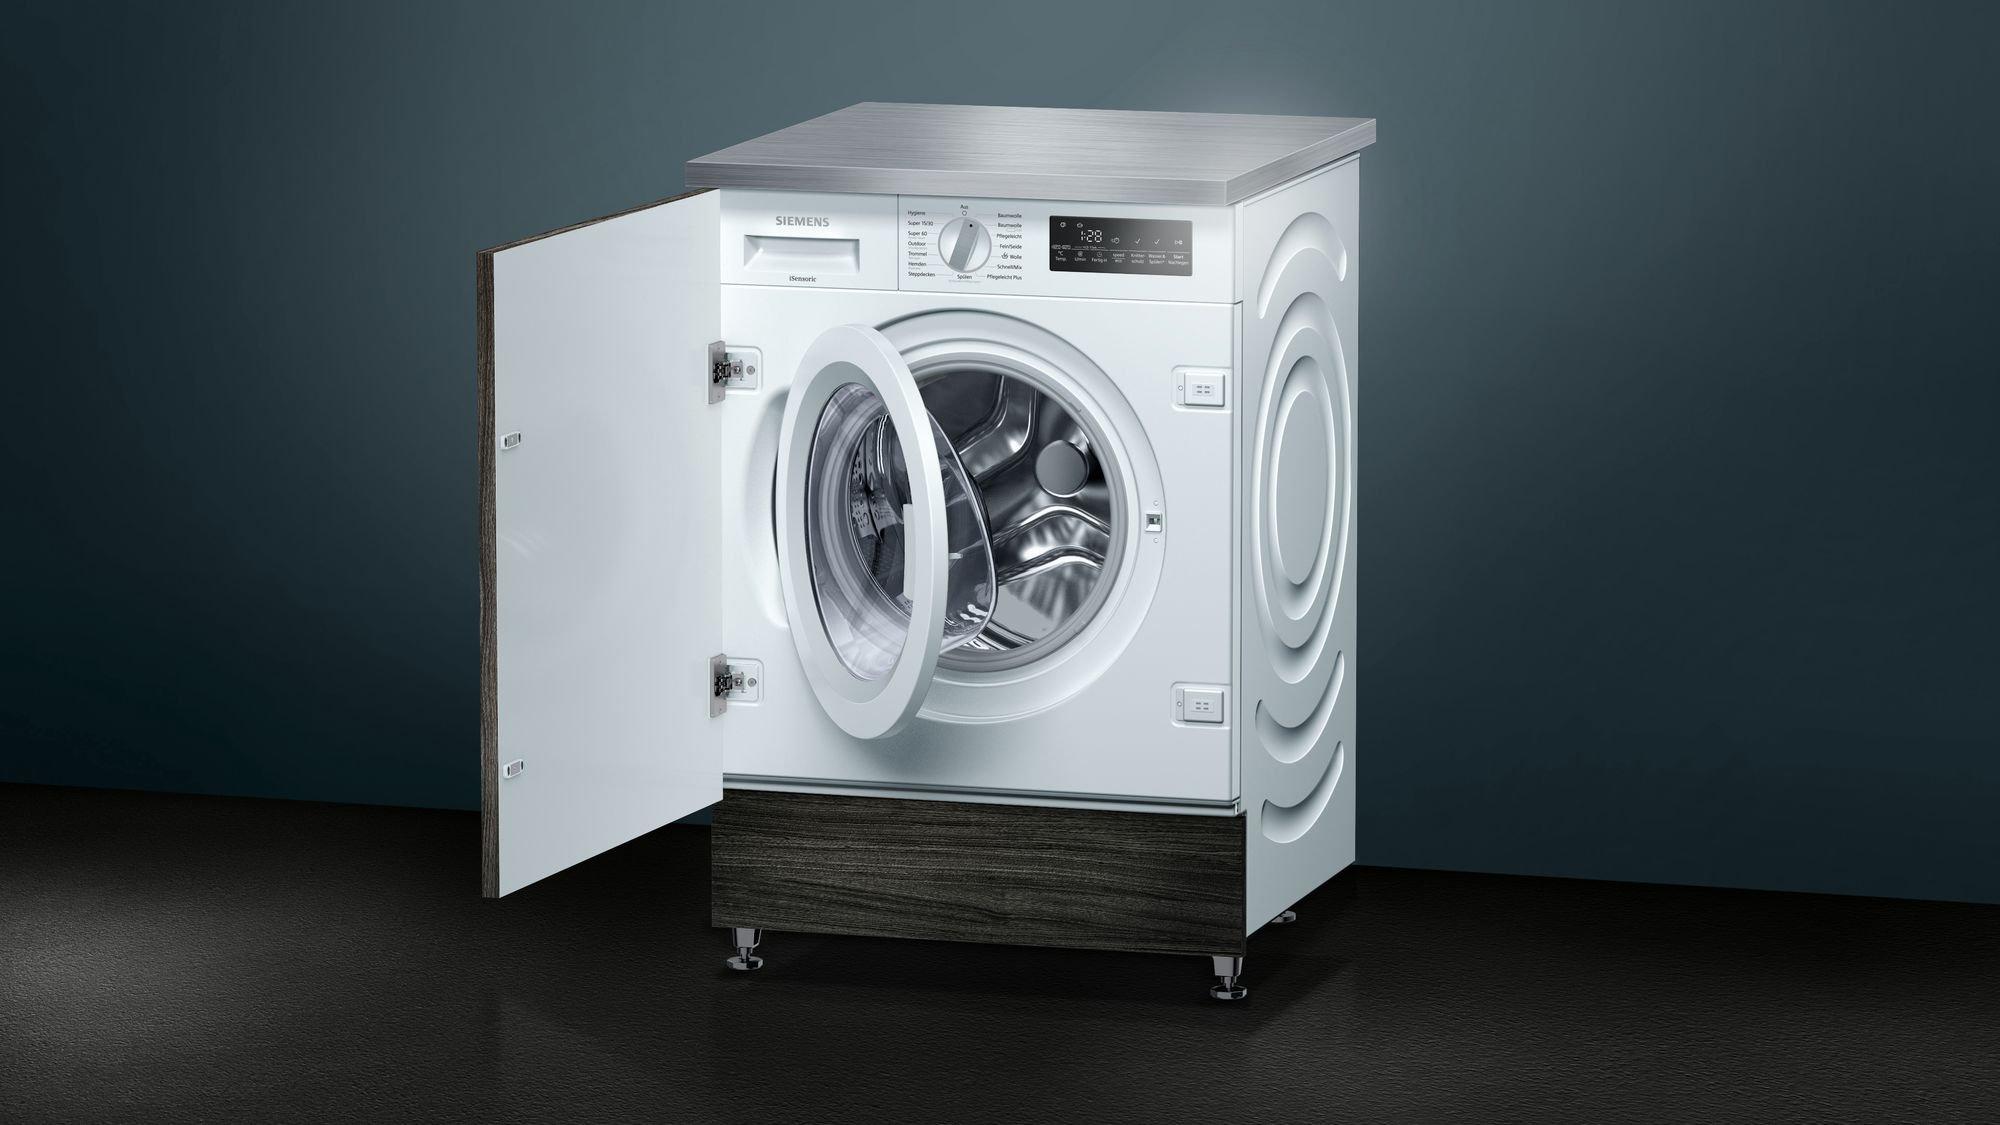 Siemens-iQ700-WI14W440-Einbauwaschmaschine-800-kg-A-137-kWh-1400-Umin-Schnellwaschprogramm-aquaStop-mit-lebenslanger-Garantie-Hygiene-Programm